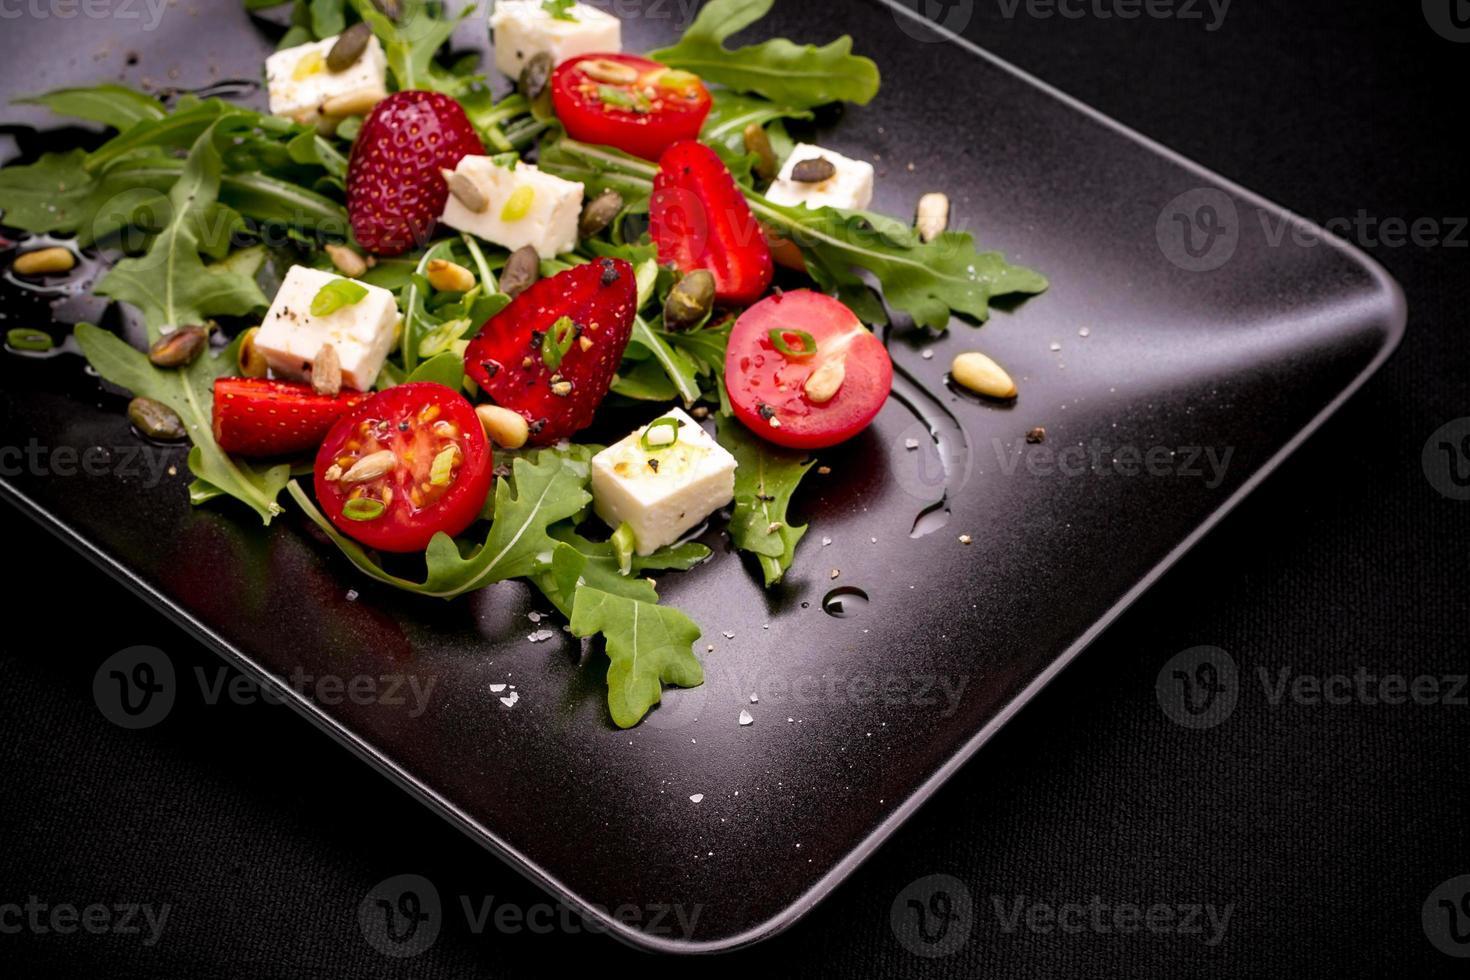 Erdbeer-Tomatensalat mit Feta-Käse, Olivenöl foto